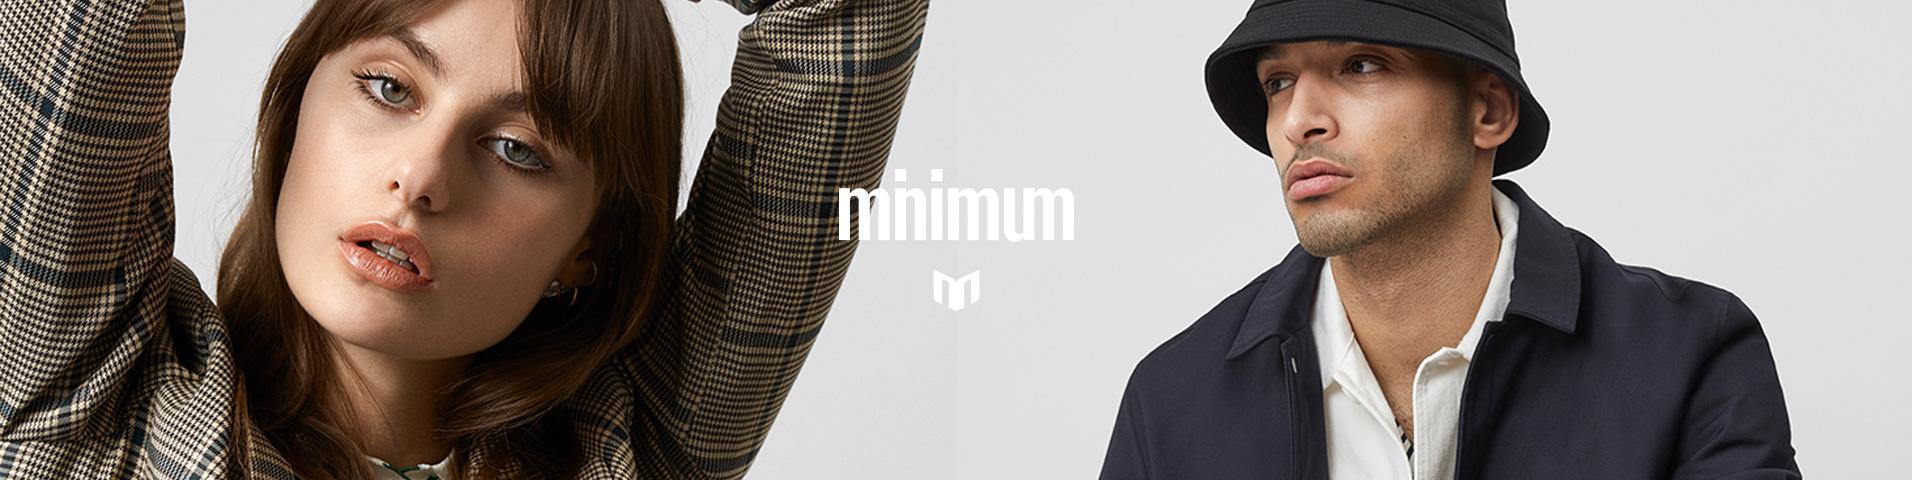 d7bdaa1e20e Minimum online shop | Gratis verzending | ZALANDO